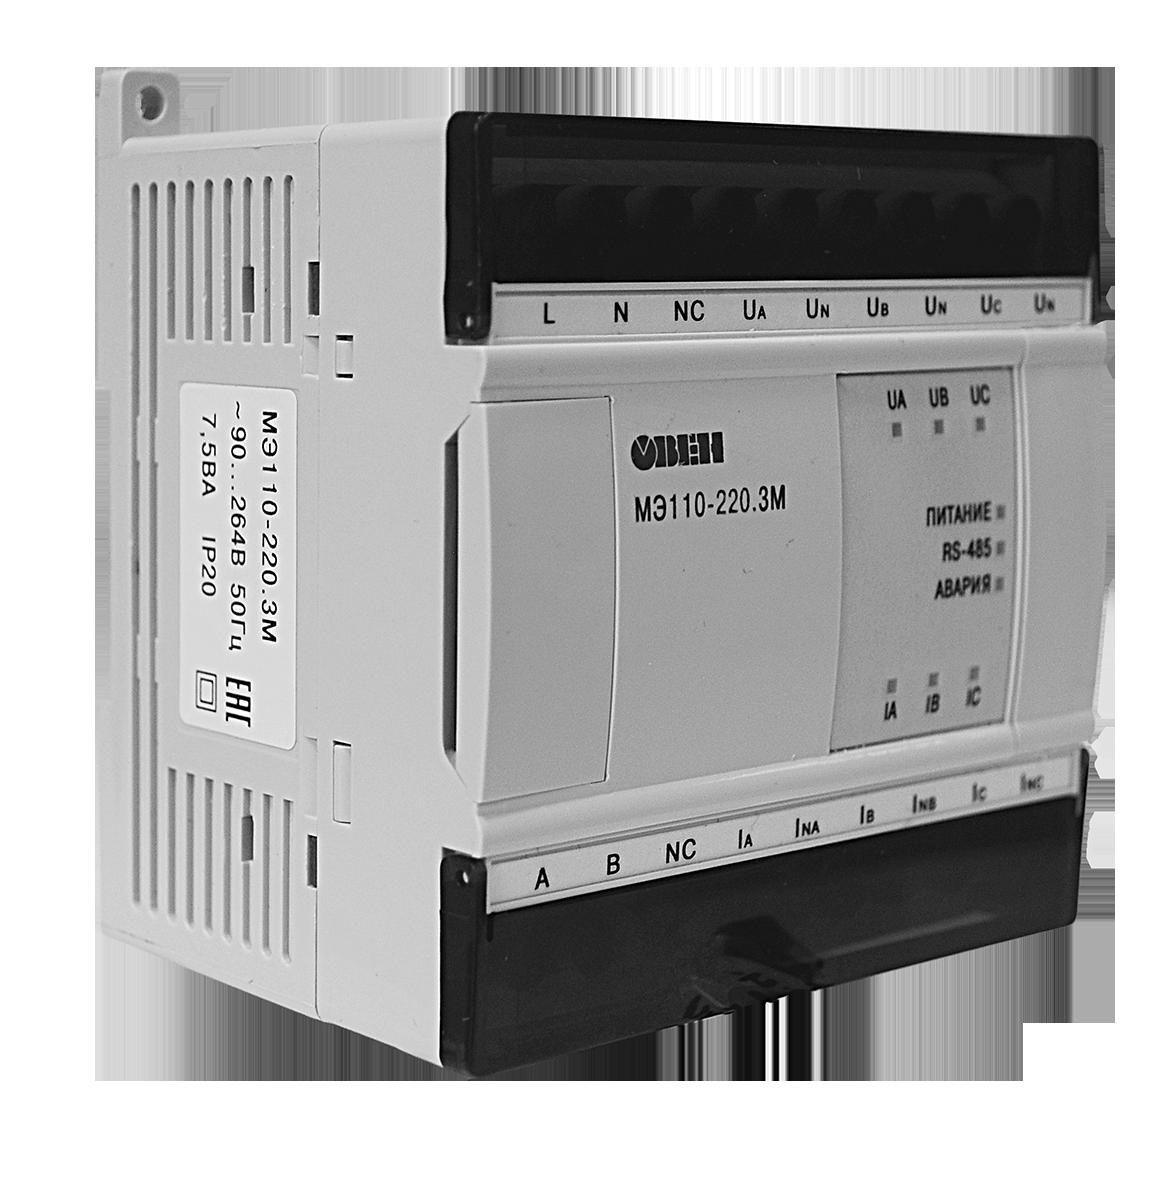 Модуль ввода параметров сети МЭ110-220.3М - Электротехника, автоматизация, КИПиА, приводная техника в Одессе